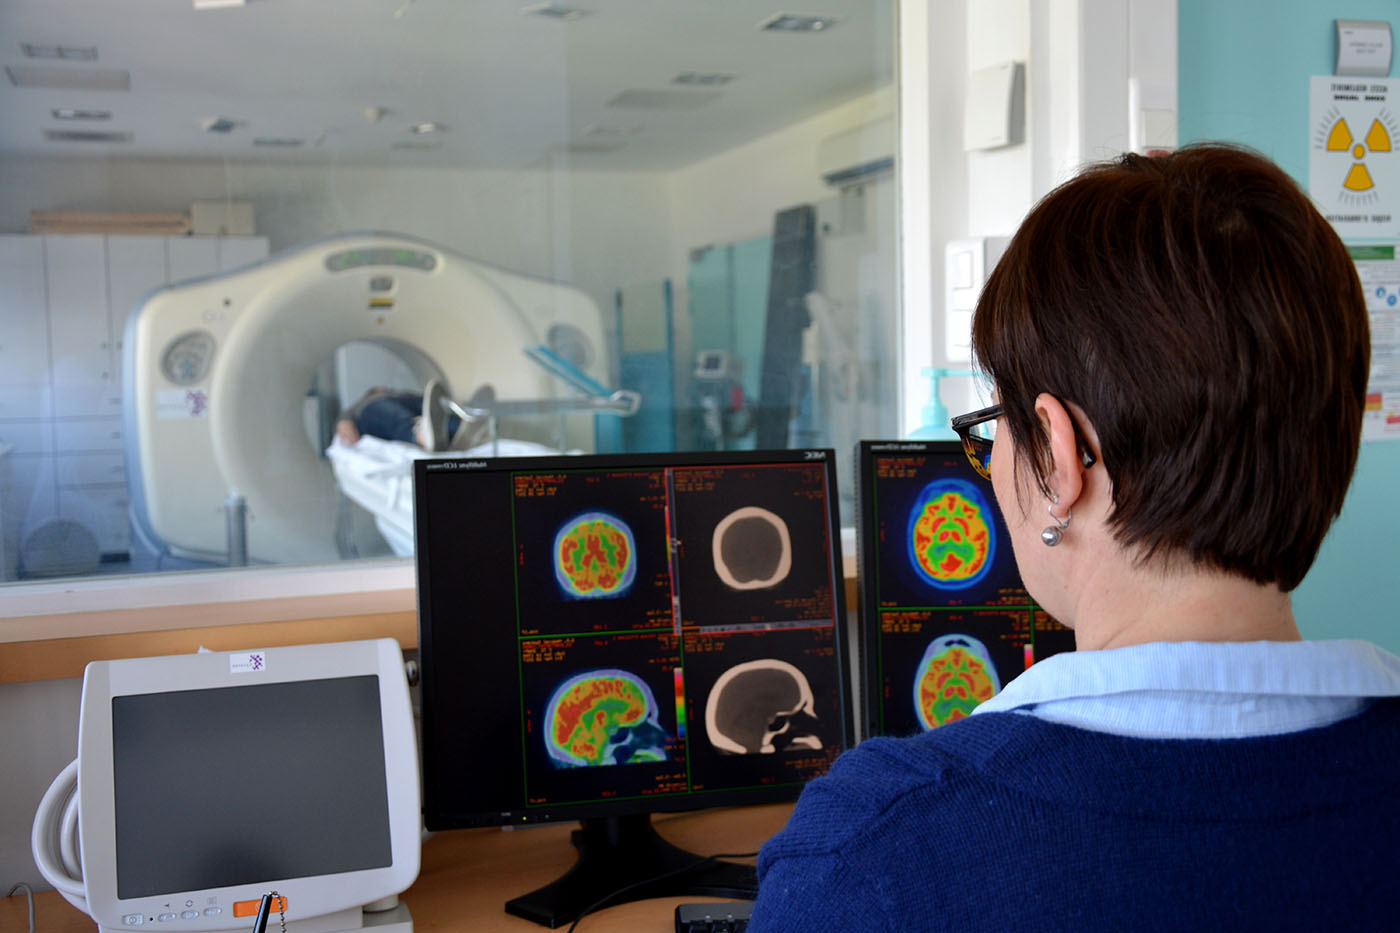 Image credit: Silver Santé Study